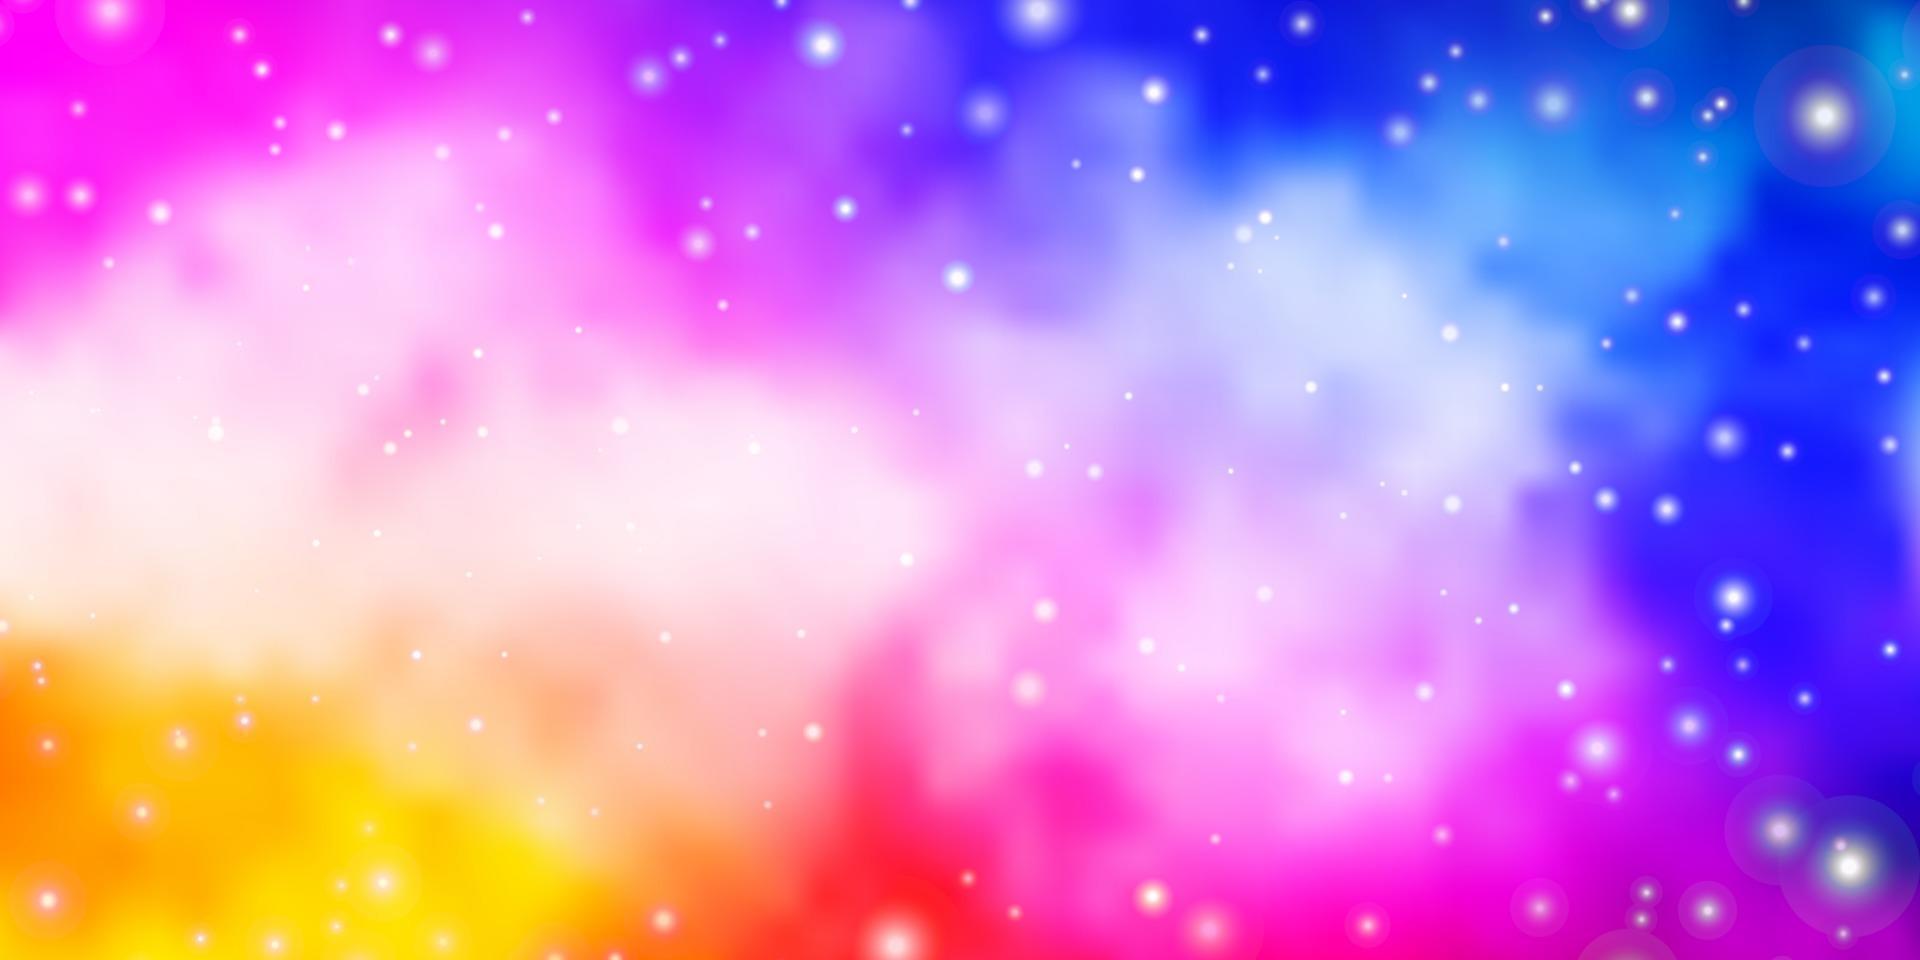 trama vettoriale rosa chiaro, blu con bellissime stelle.